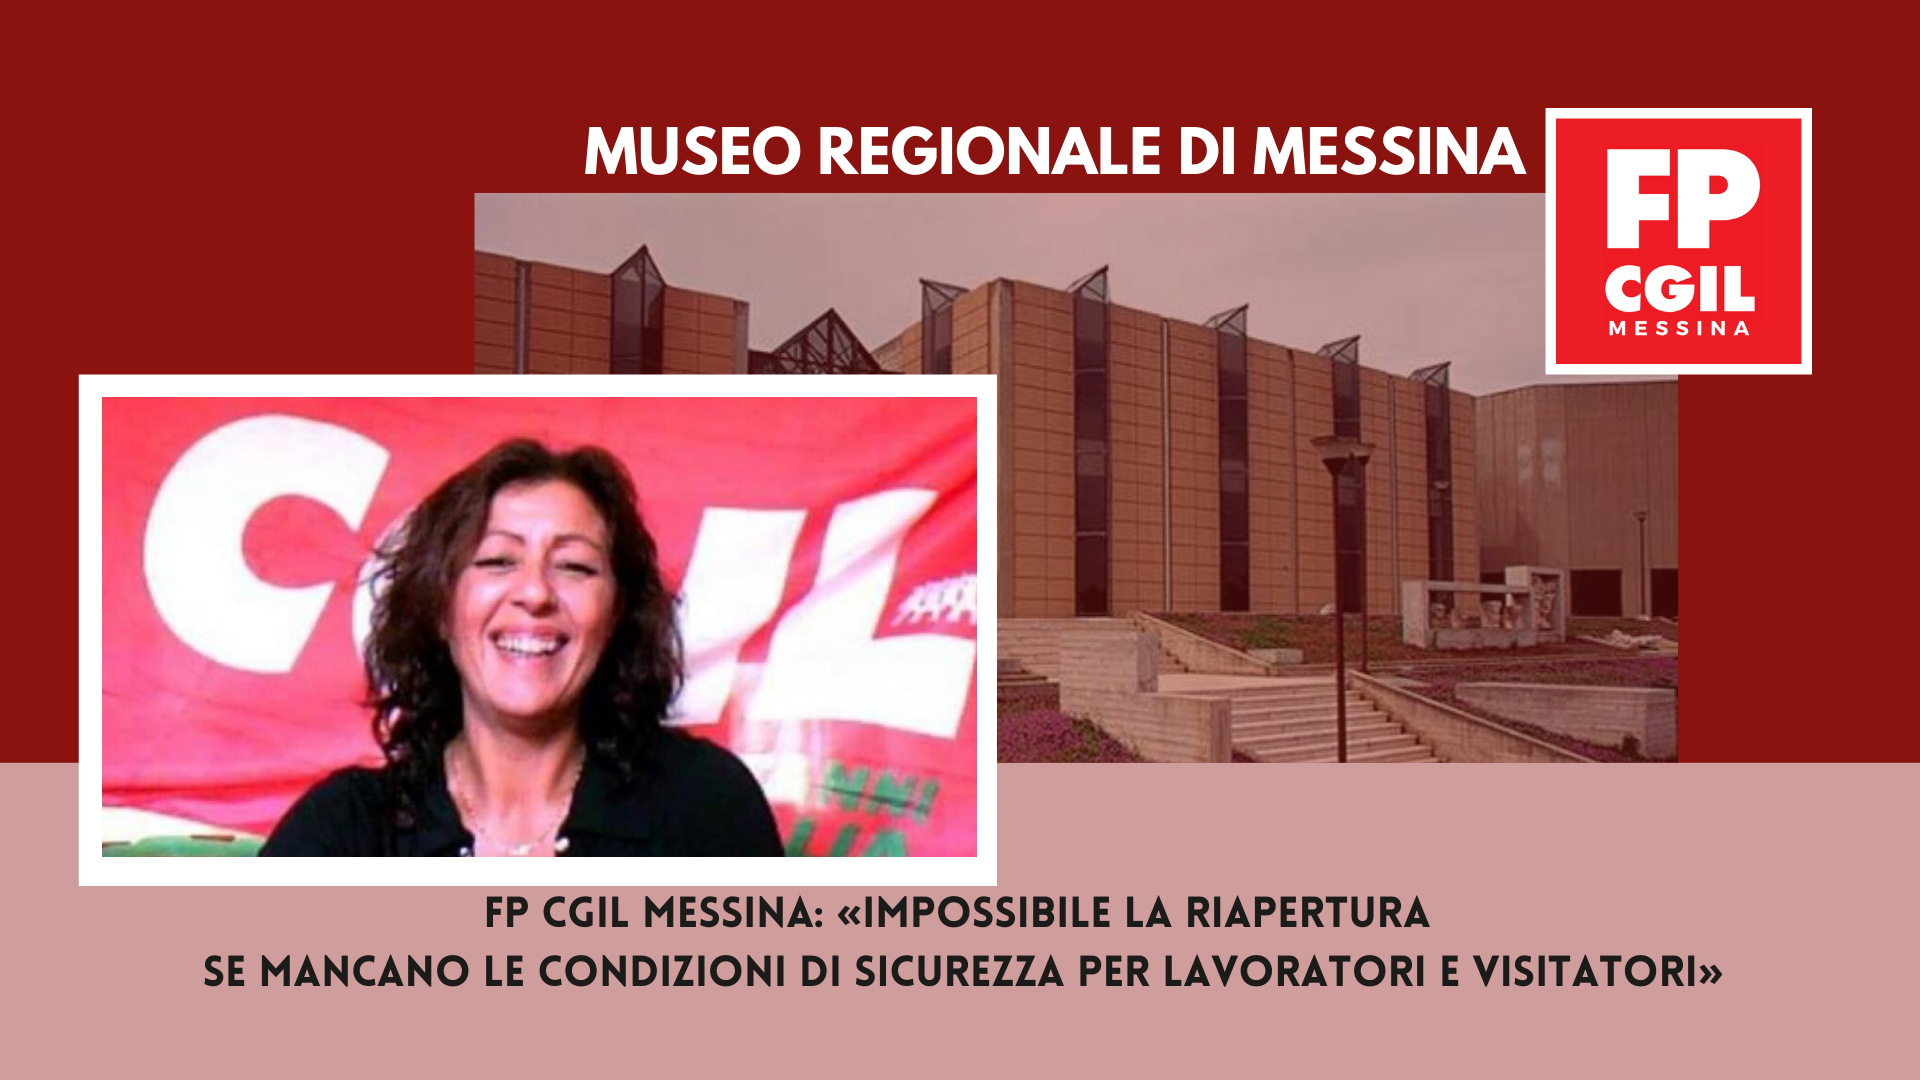 Museo Regionale, FP CGIL: «Impossibile la riapertura se mancano le condizioni di sicurezza per lavoratori e visitatori»